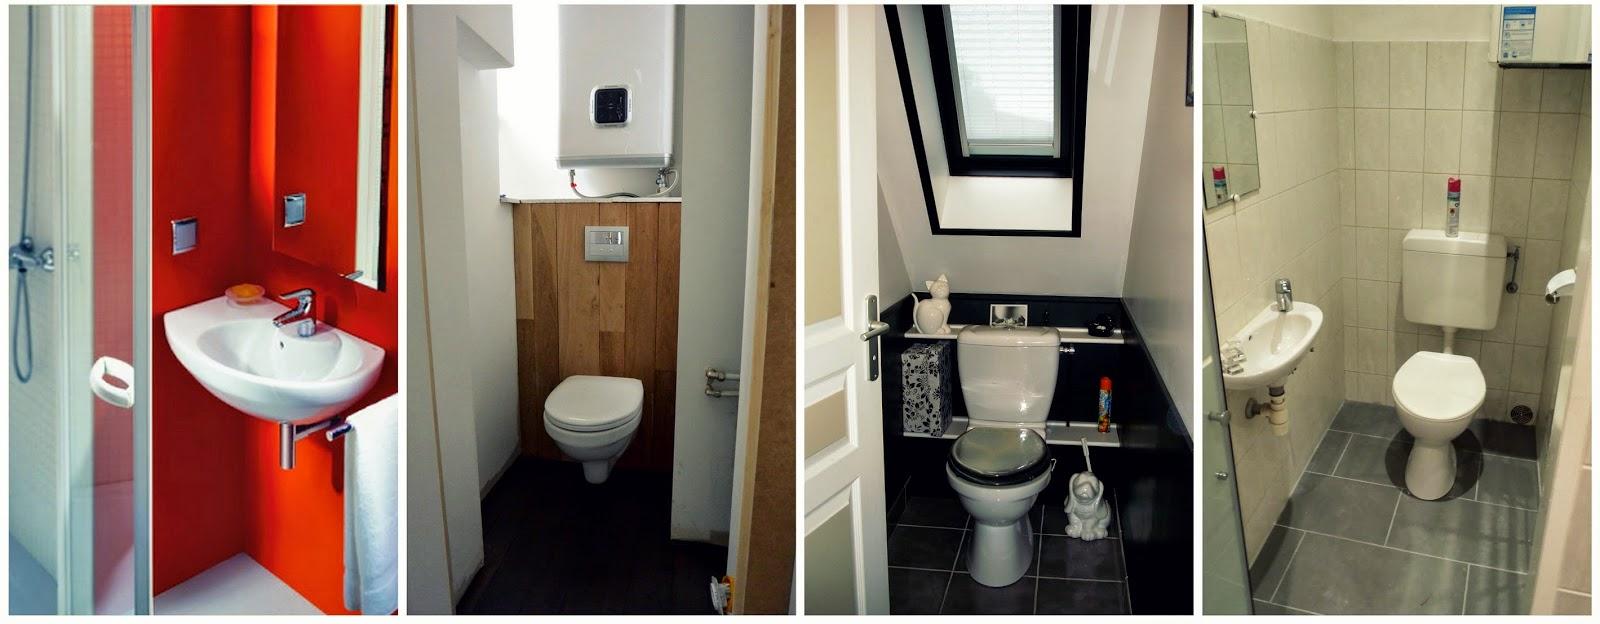 renovation travaux peinture toilettes wc paris l 39 artisan peintre lehmanerenove. Black Bedroom Furniture Sets. Home Design Ideas